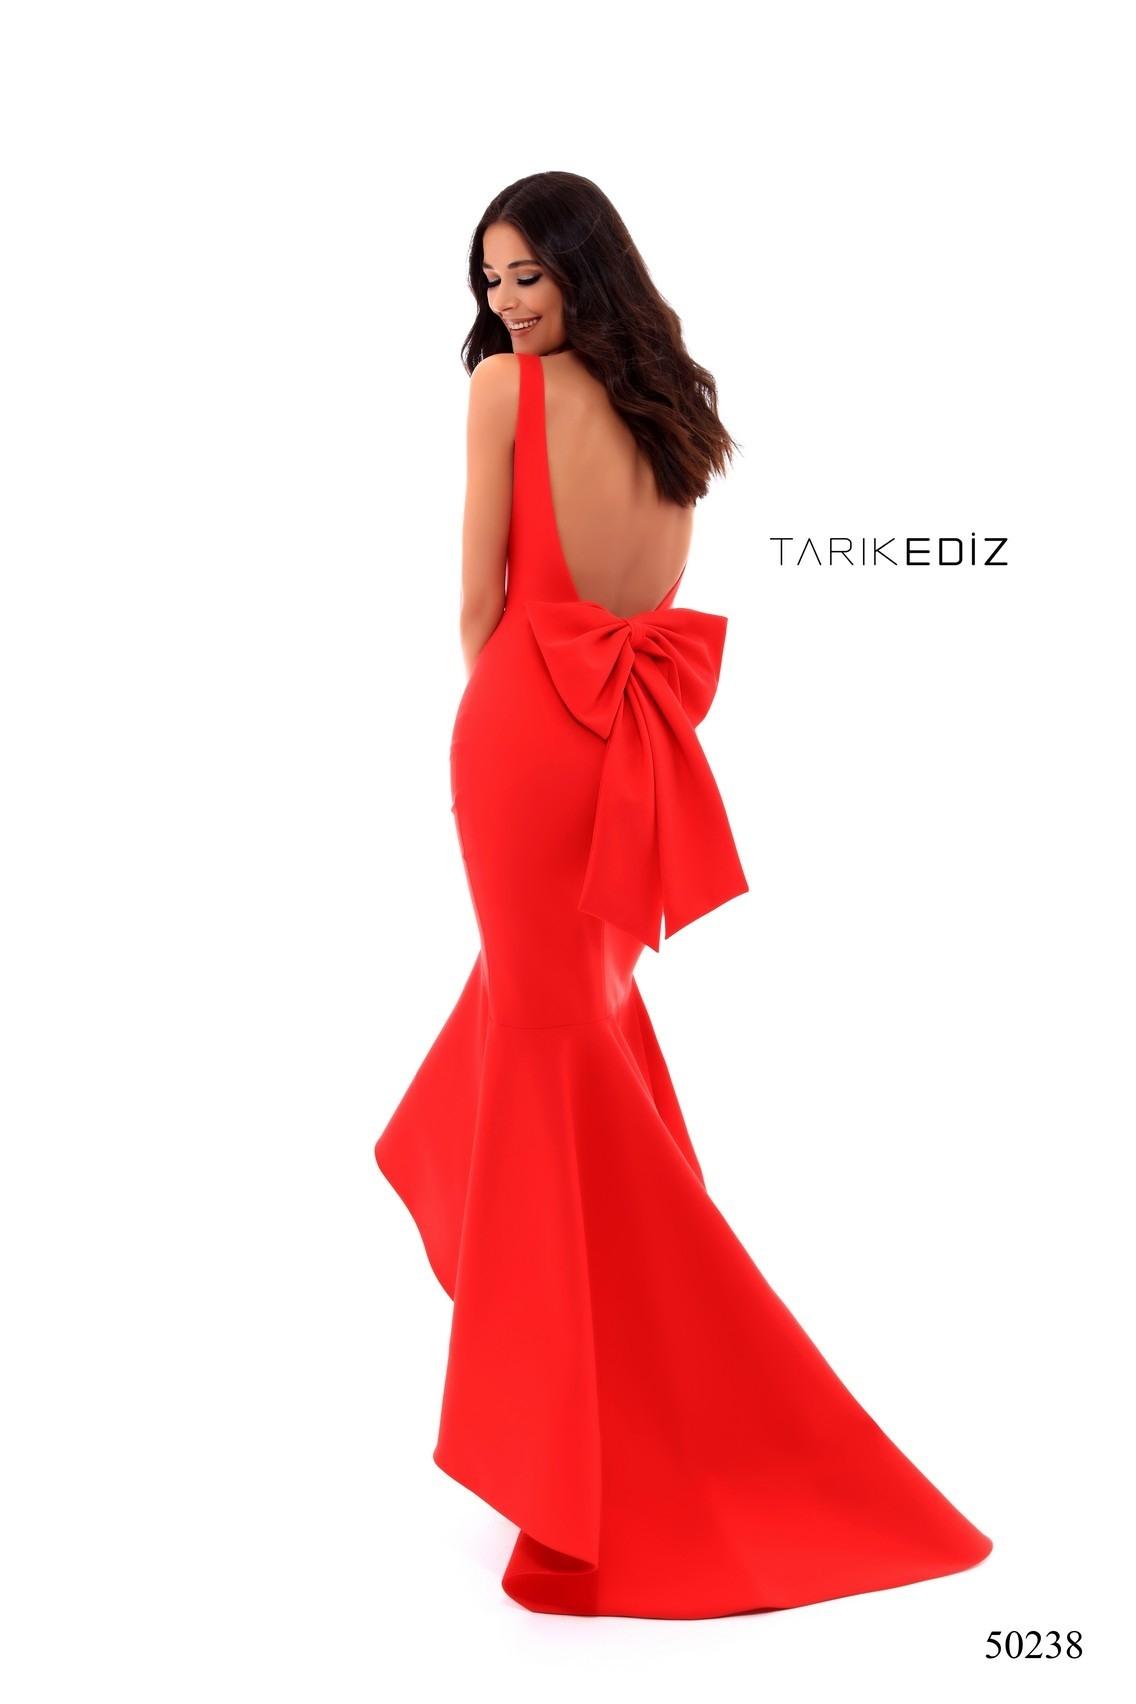 17 Cool Kleider Für Anlässe für 201917 Erstaunlich Kleider Für Anlässe Ärmel